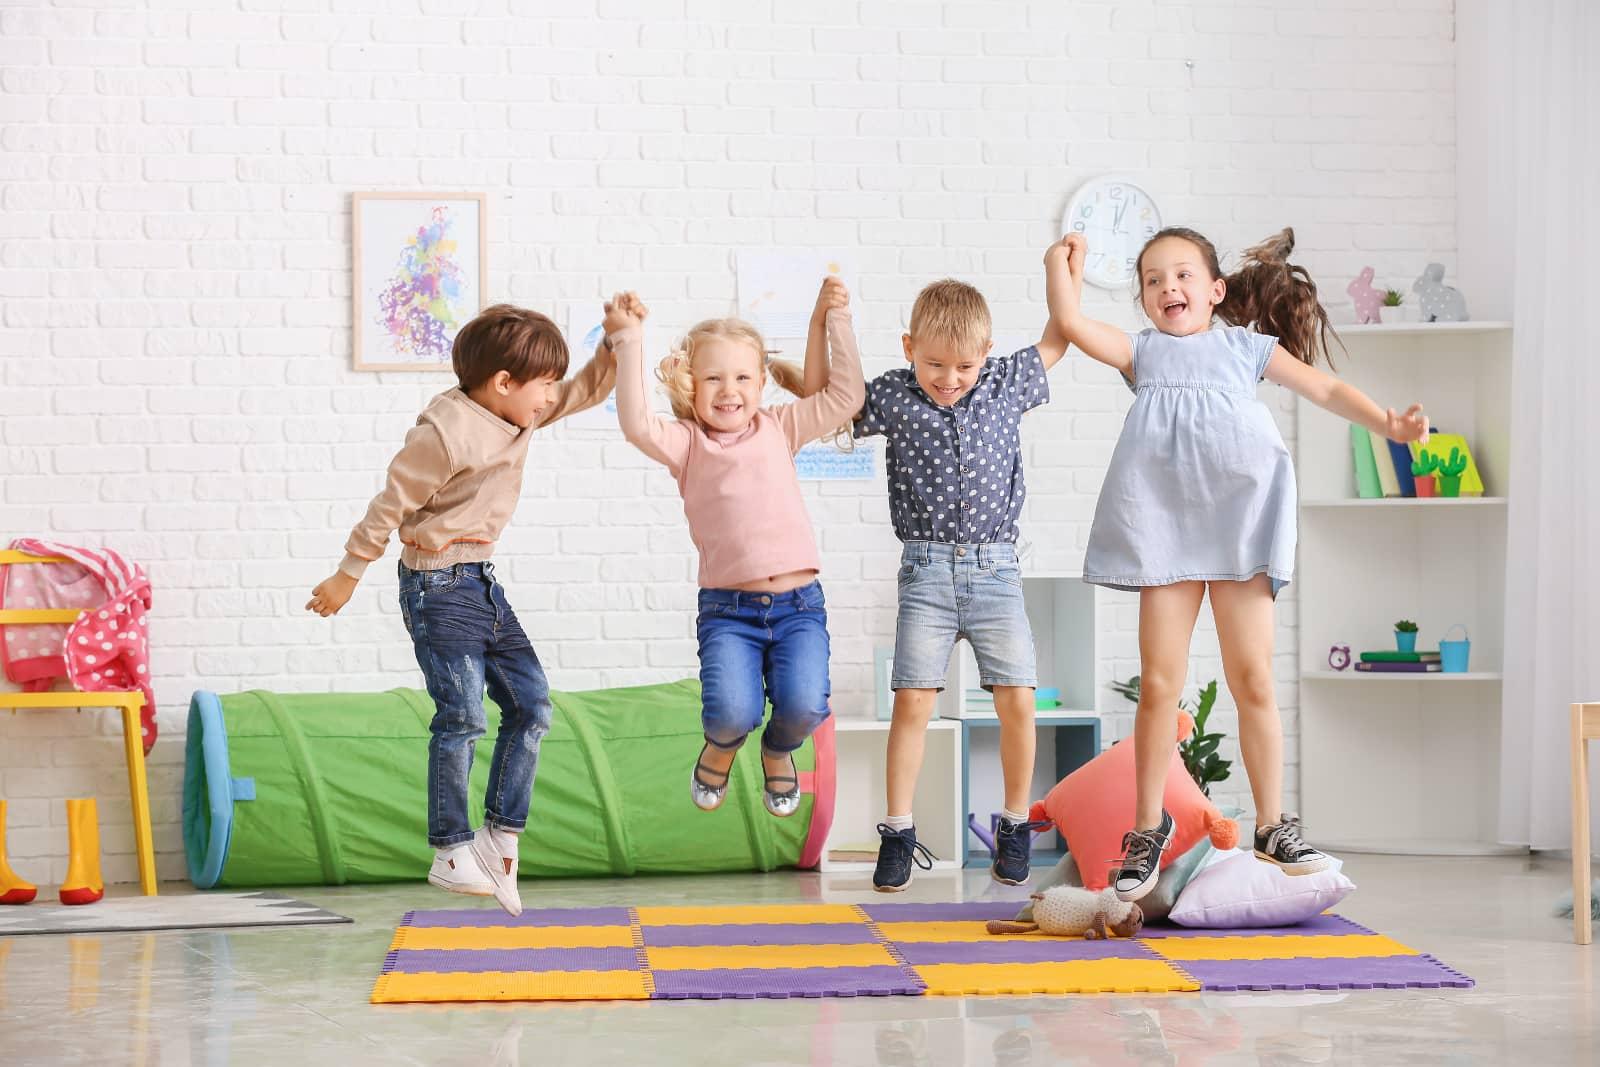 kinderen in kinderdagverblijf springen hand in hand